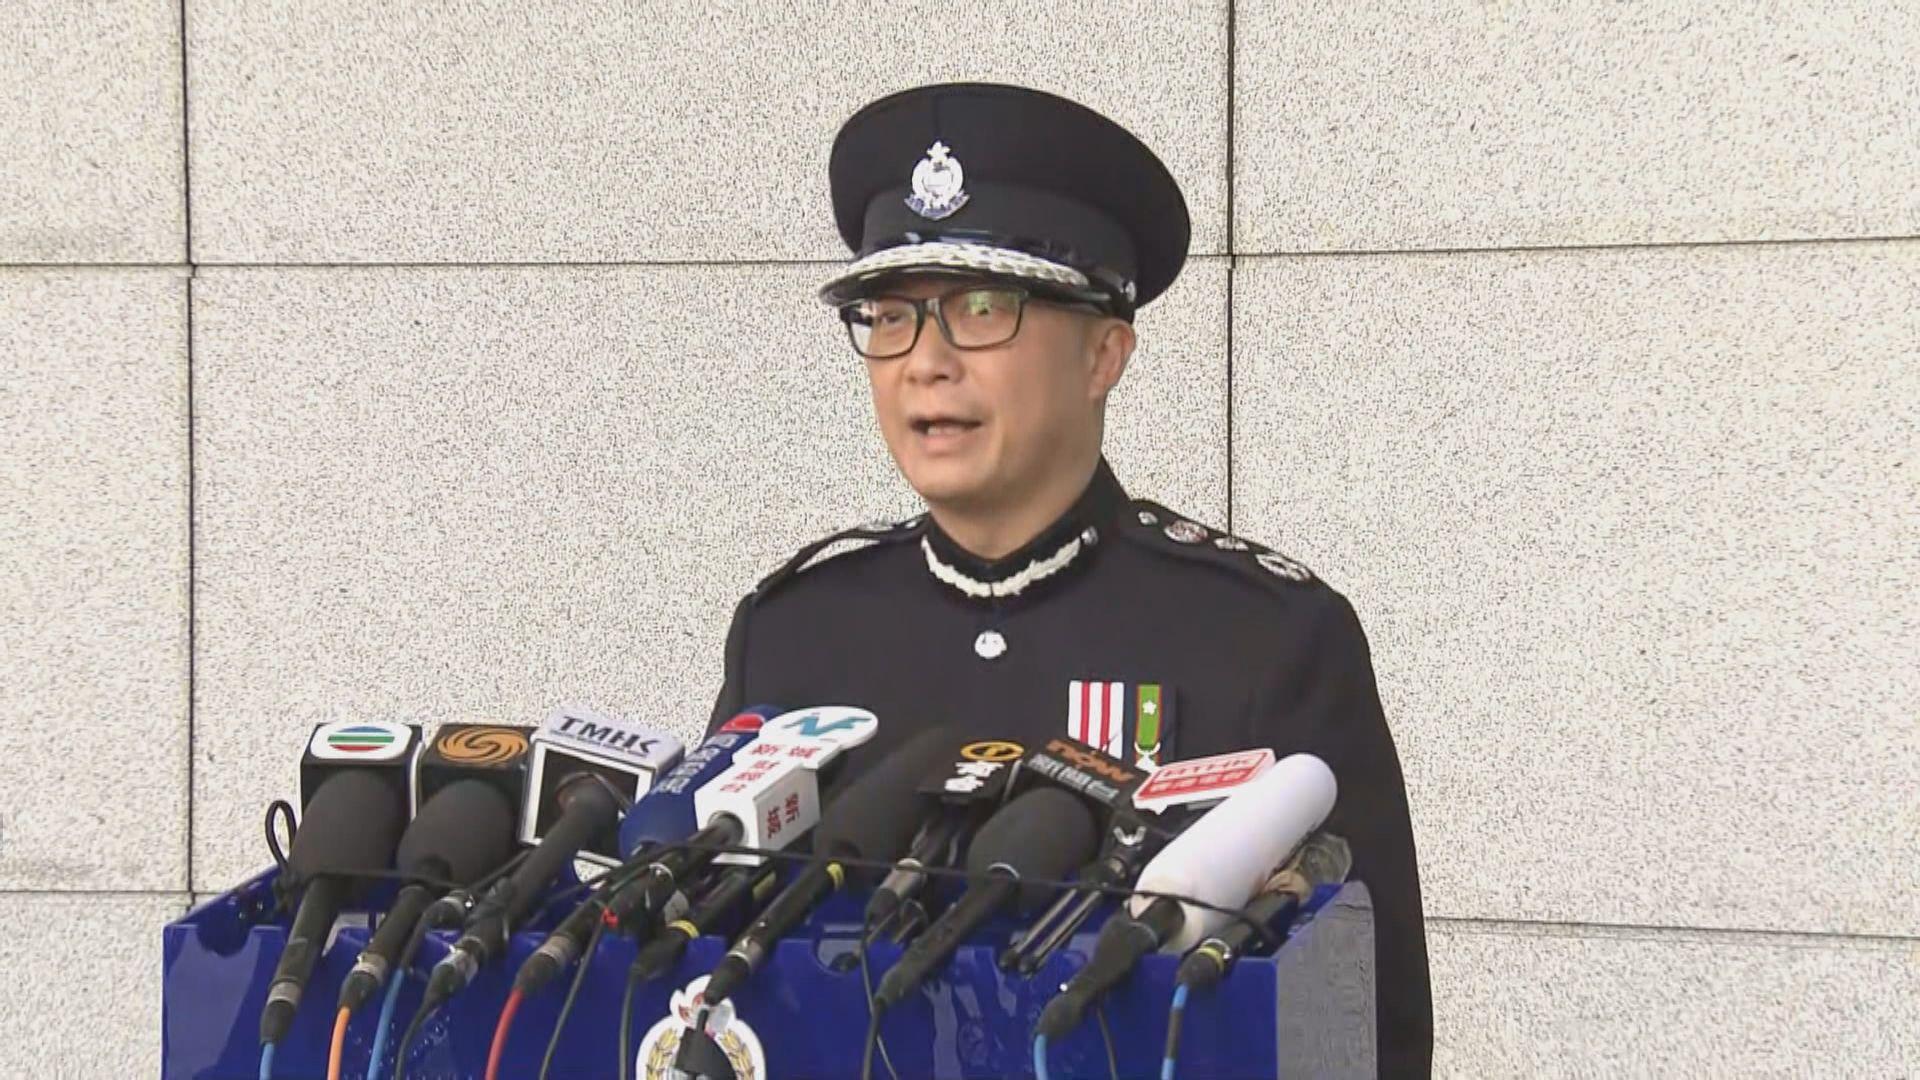 鄧炳強:示威者違法行為令他感哀傷 繼續支持同袍執法